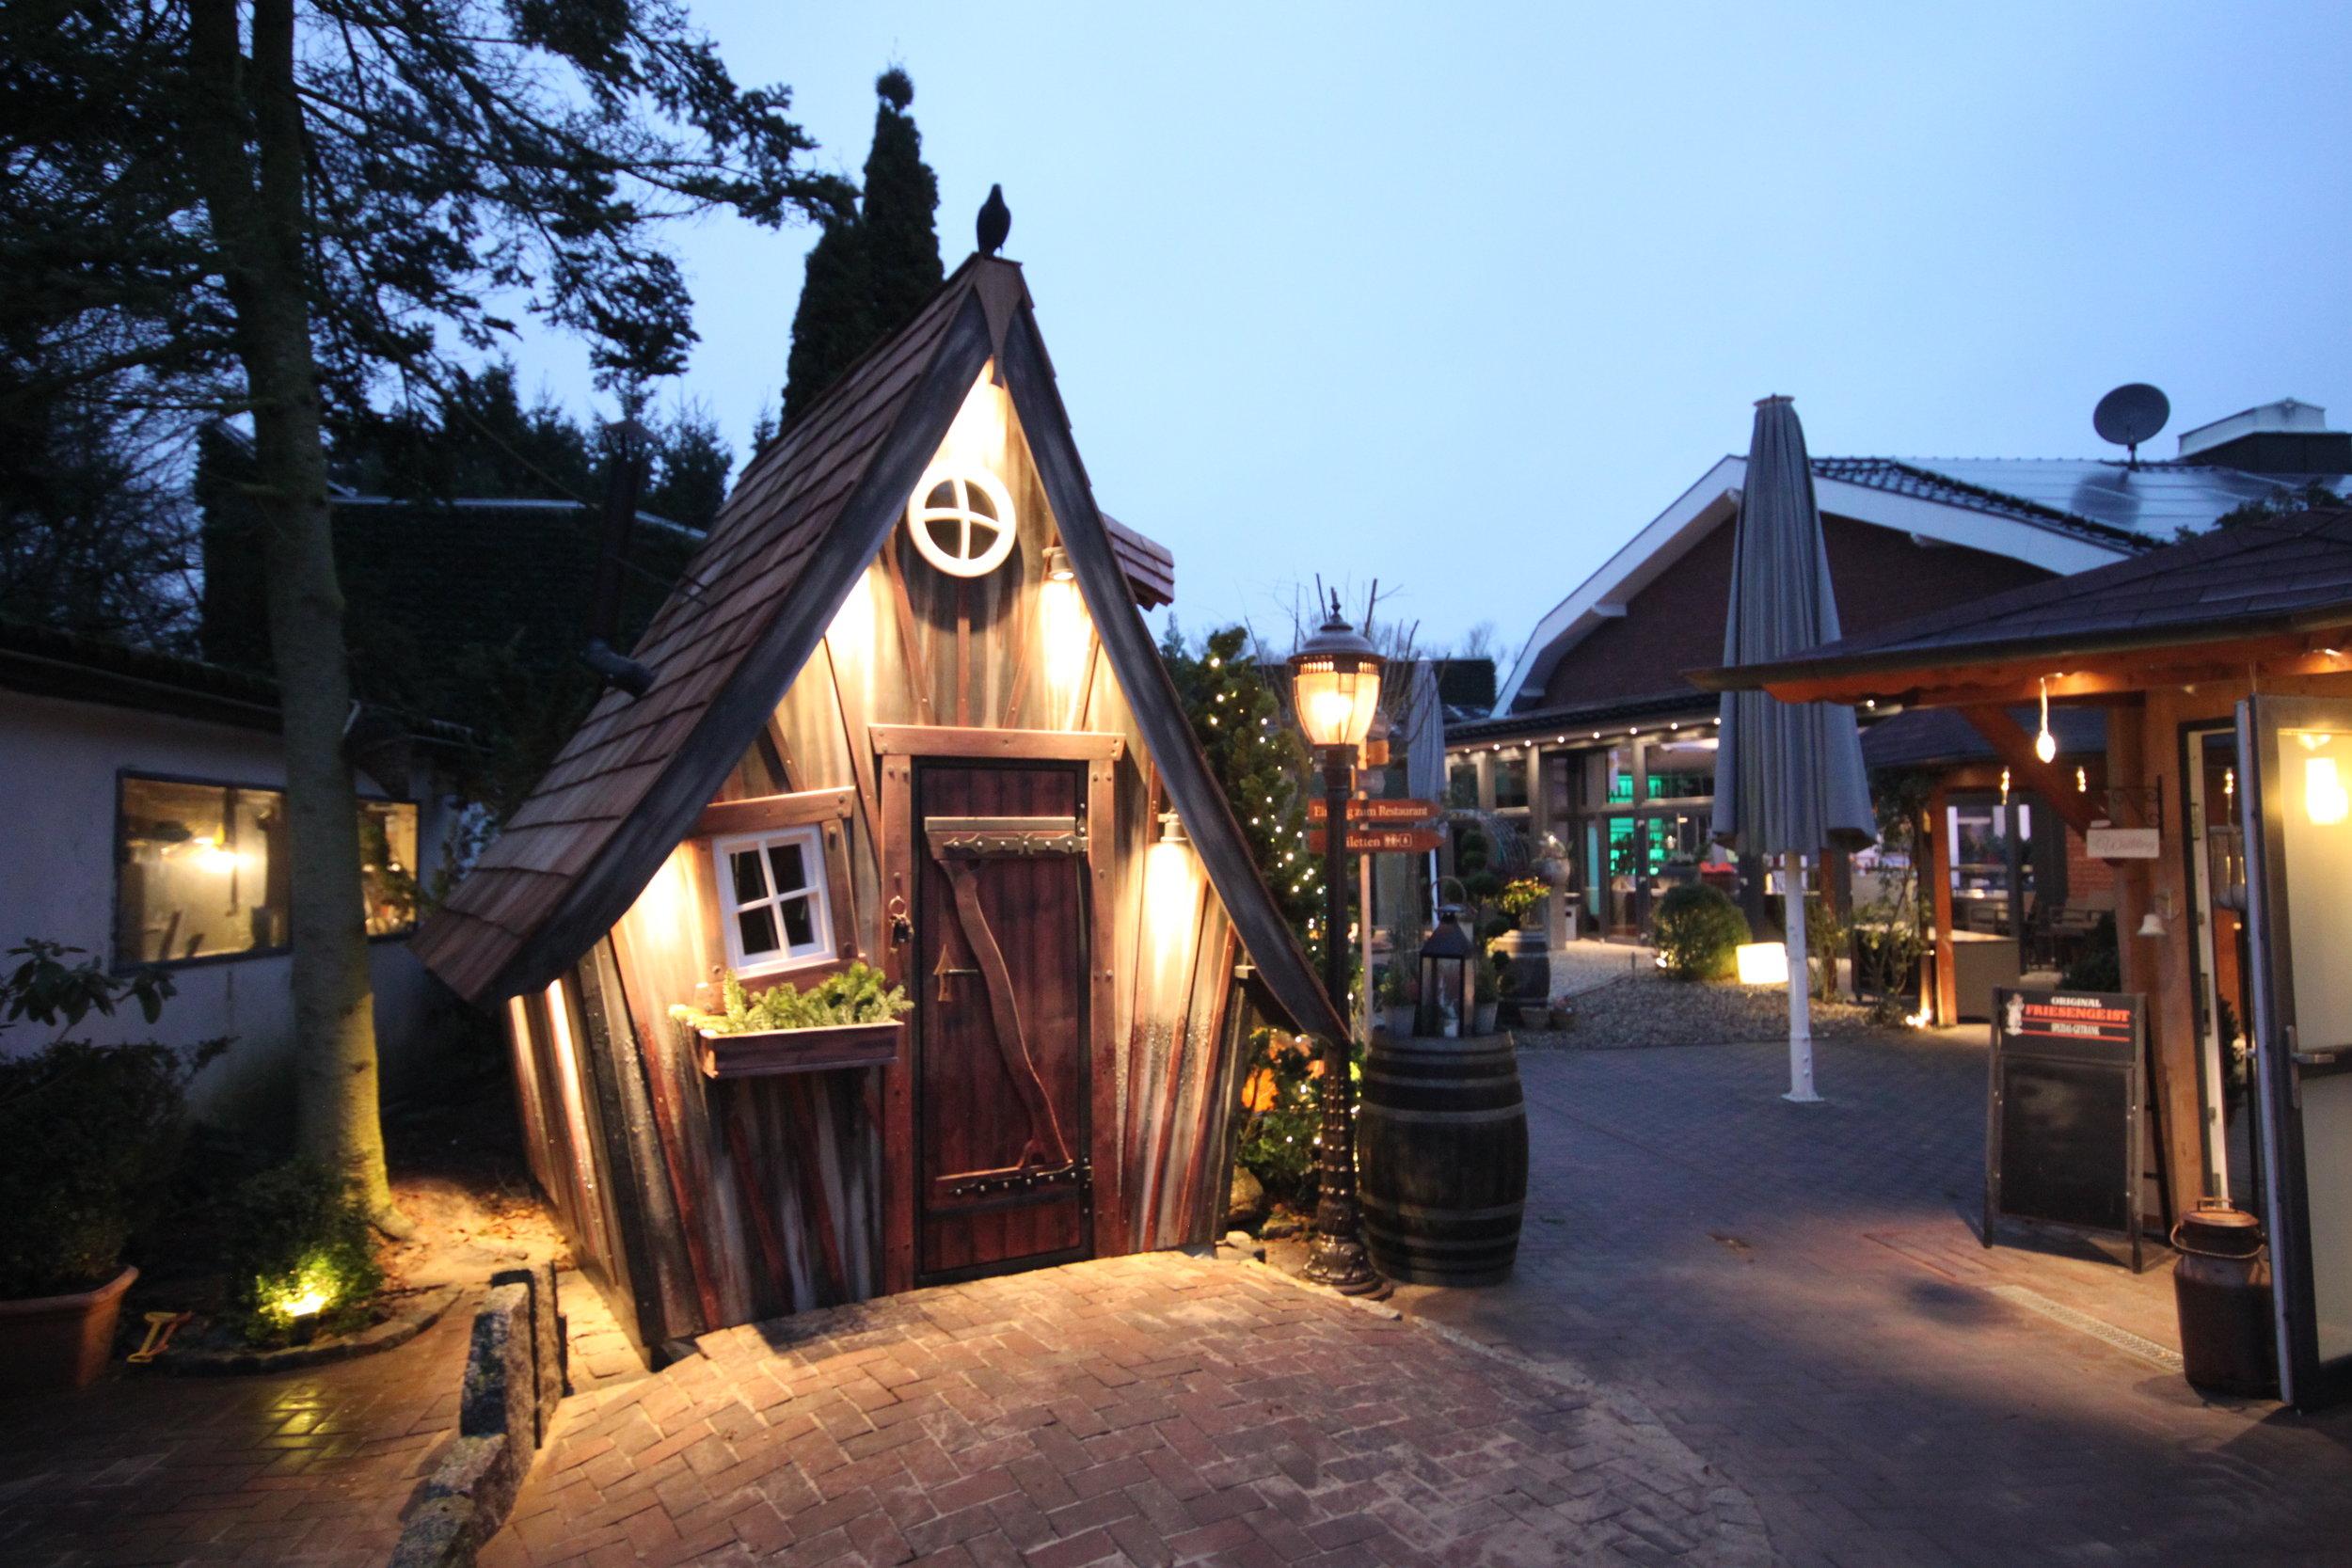 Biergarten inklusive Hexenhaus. Darin kann man essen, nicht übernachten (Copyright: Stefan Eggers)